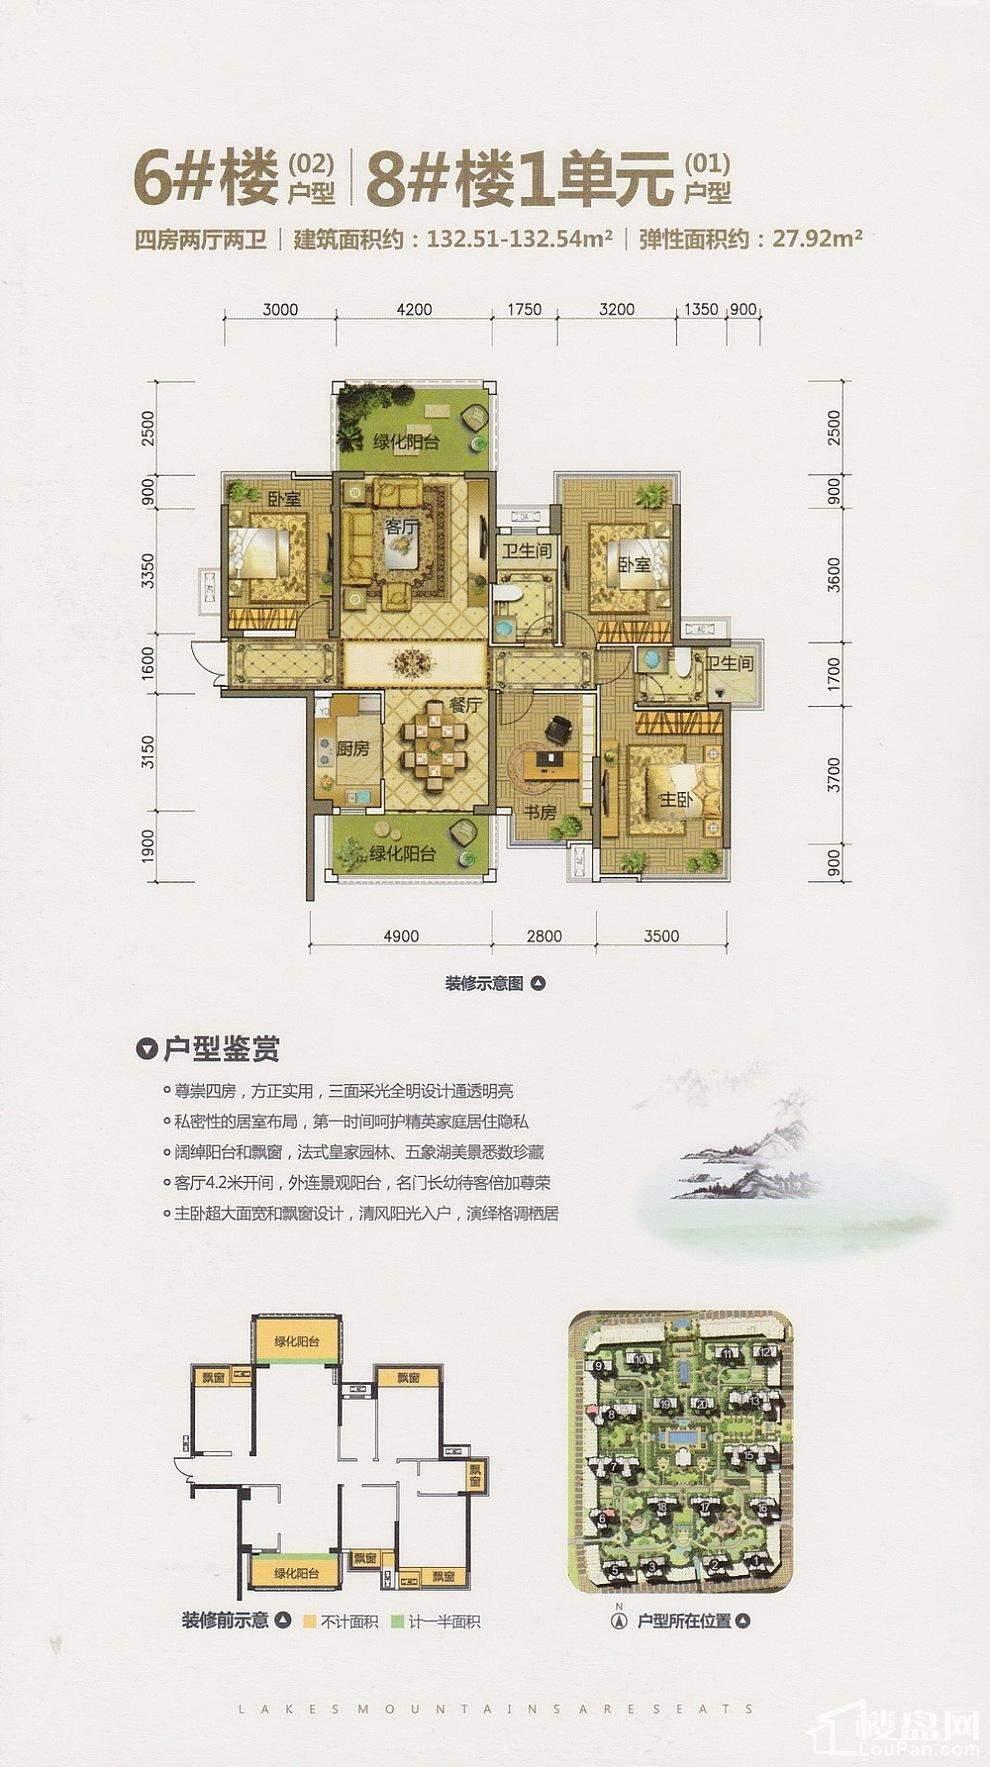 龙光玖珑湖 6号楼02、8号楼1单元01户型